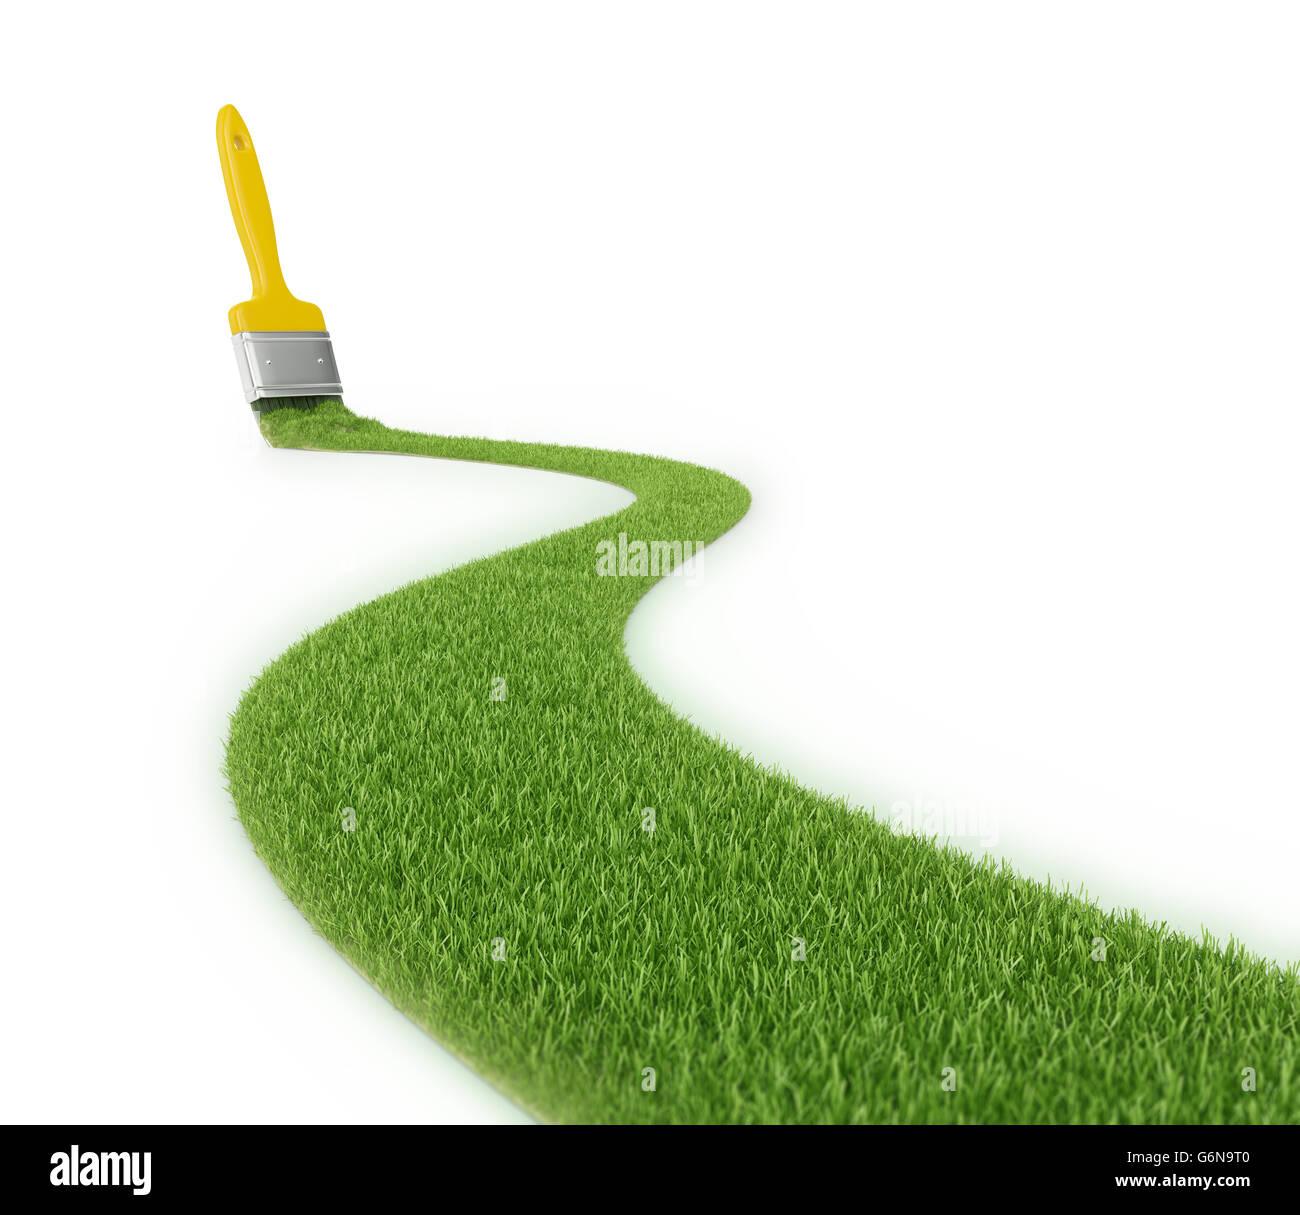 Ruta de hierba con un trazo de un pincel - Ilustración 3D Imagen De Stock